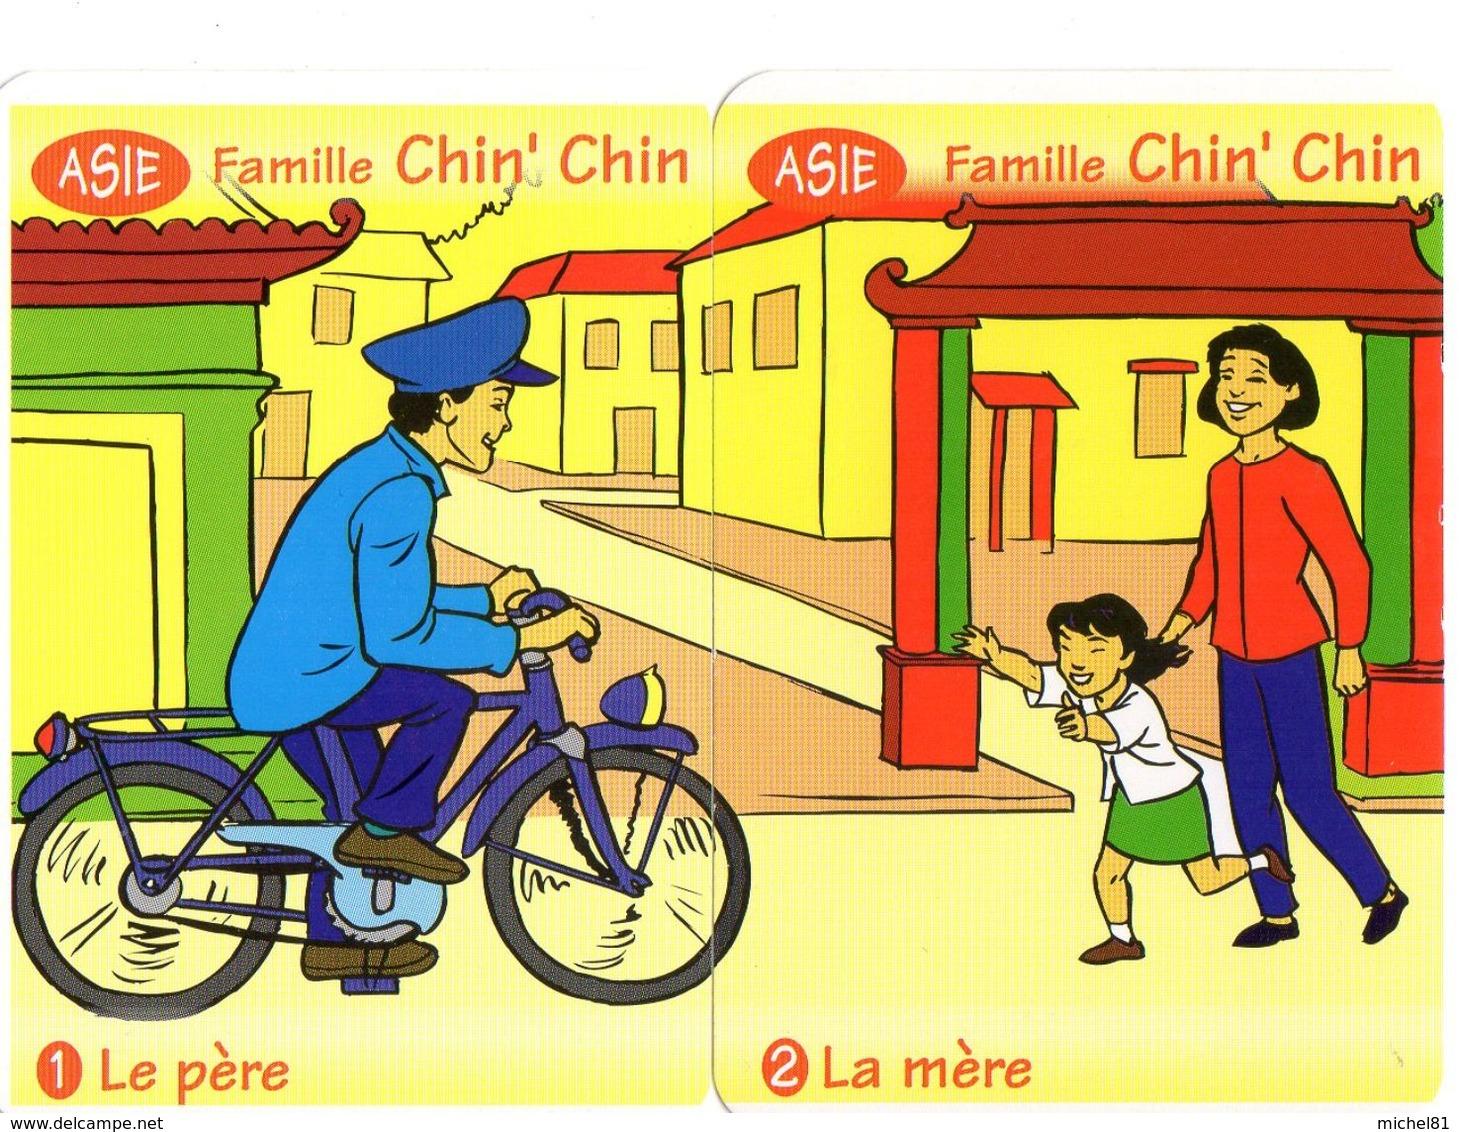 2 Cartes D'un Jeu De 7 Familles / Asie / Vélo Bicyclette Cyclisme Bicycle / Chine China - Non Classés